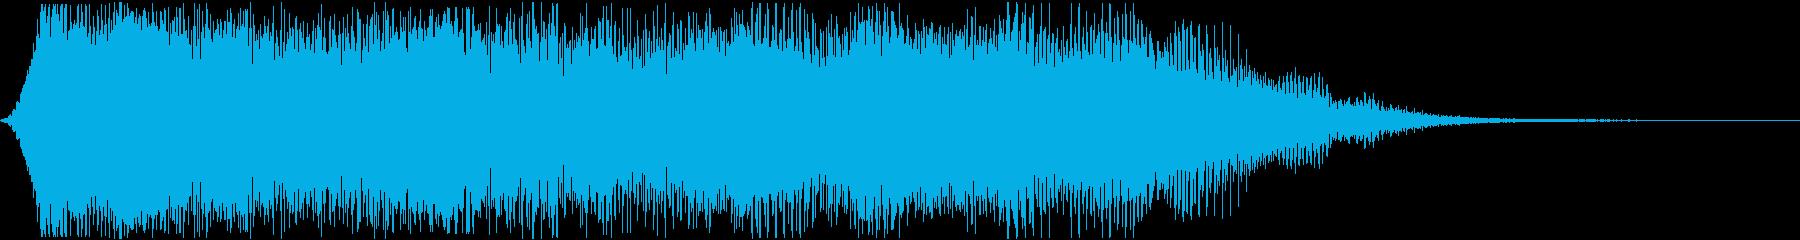 【シネマティック】 映画 ブワーンッ・・の再生済みの波形